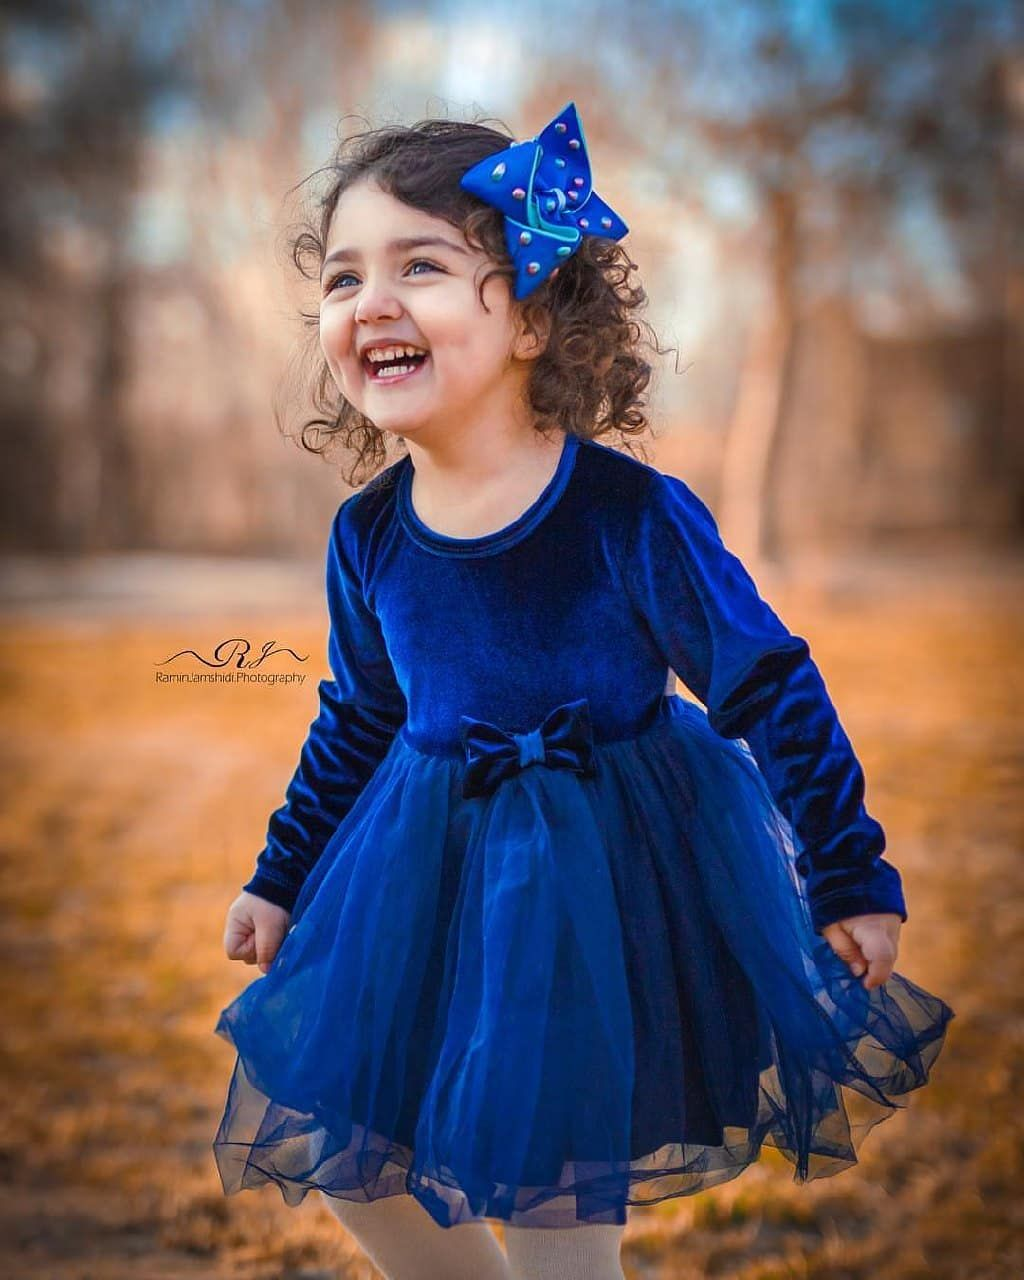 چه اشگل میخندم اگه عاشق بچه ای فالو چه اشگل میخندم اگه عاشق Cute Baby Boy Images Baby Girl Wallpaper Cute Baby